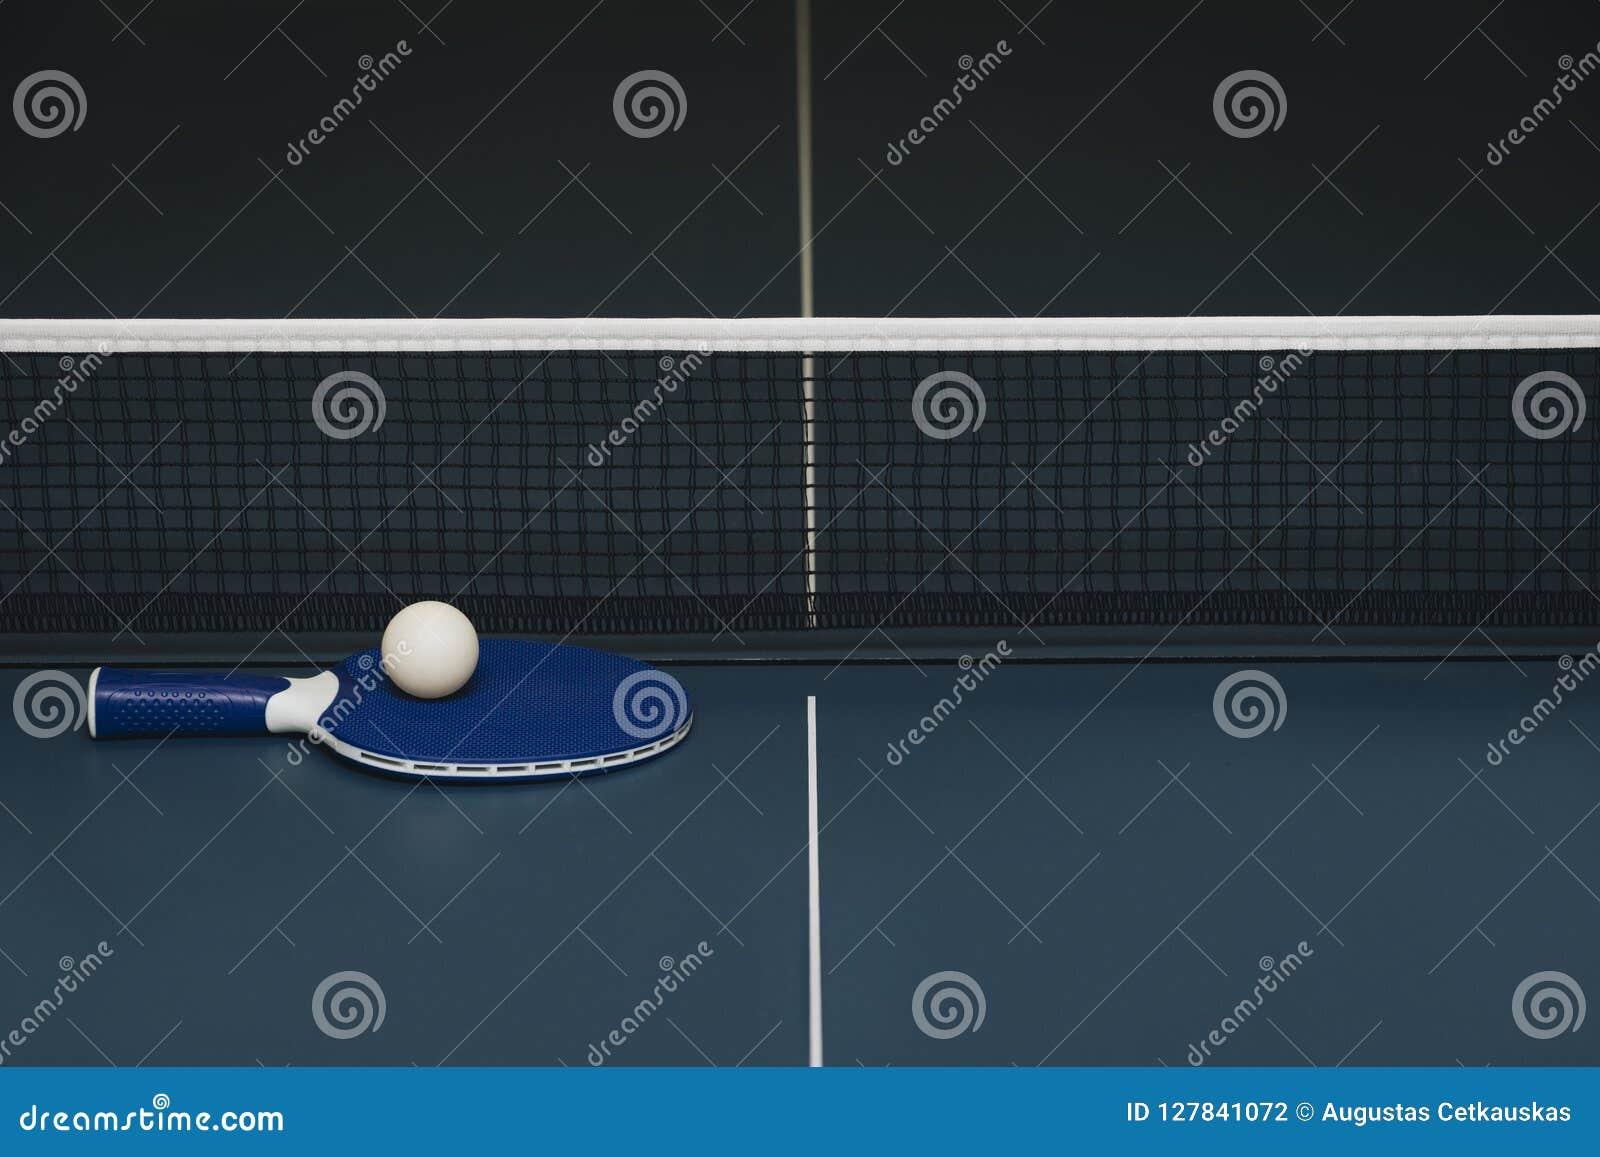 乒乓球球拍和球和网在一个蓝色球台上